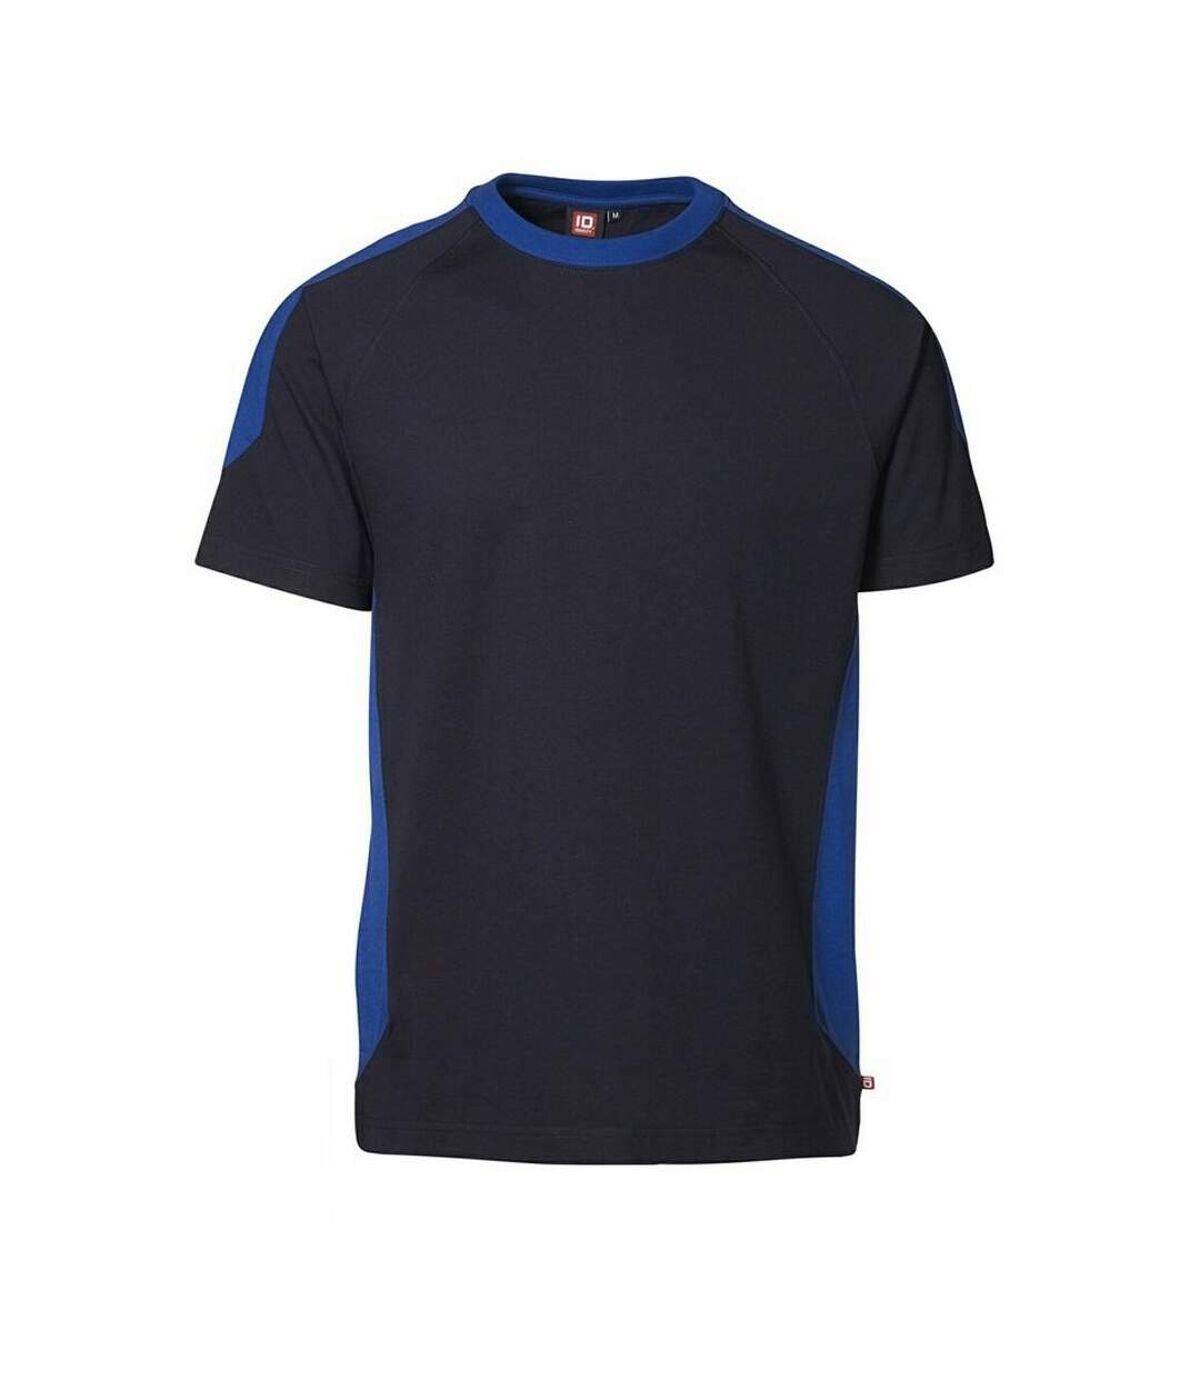 ID Mens Pro Wear Contrast Regular Fitting Short Sleeve Sports T-Shirt (Navy) - UTID366